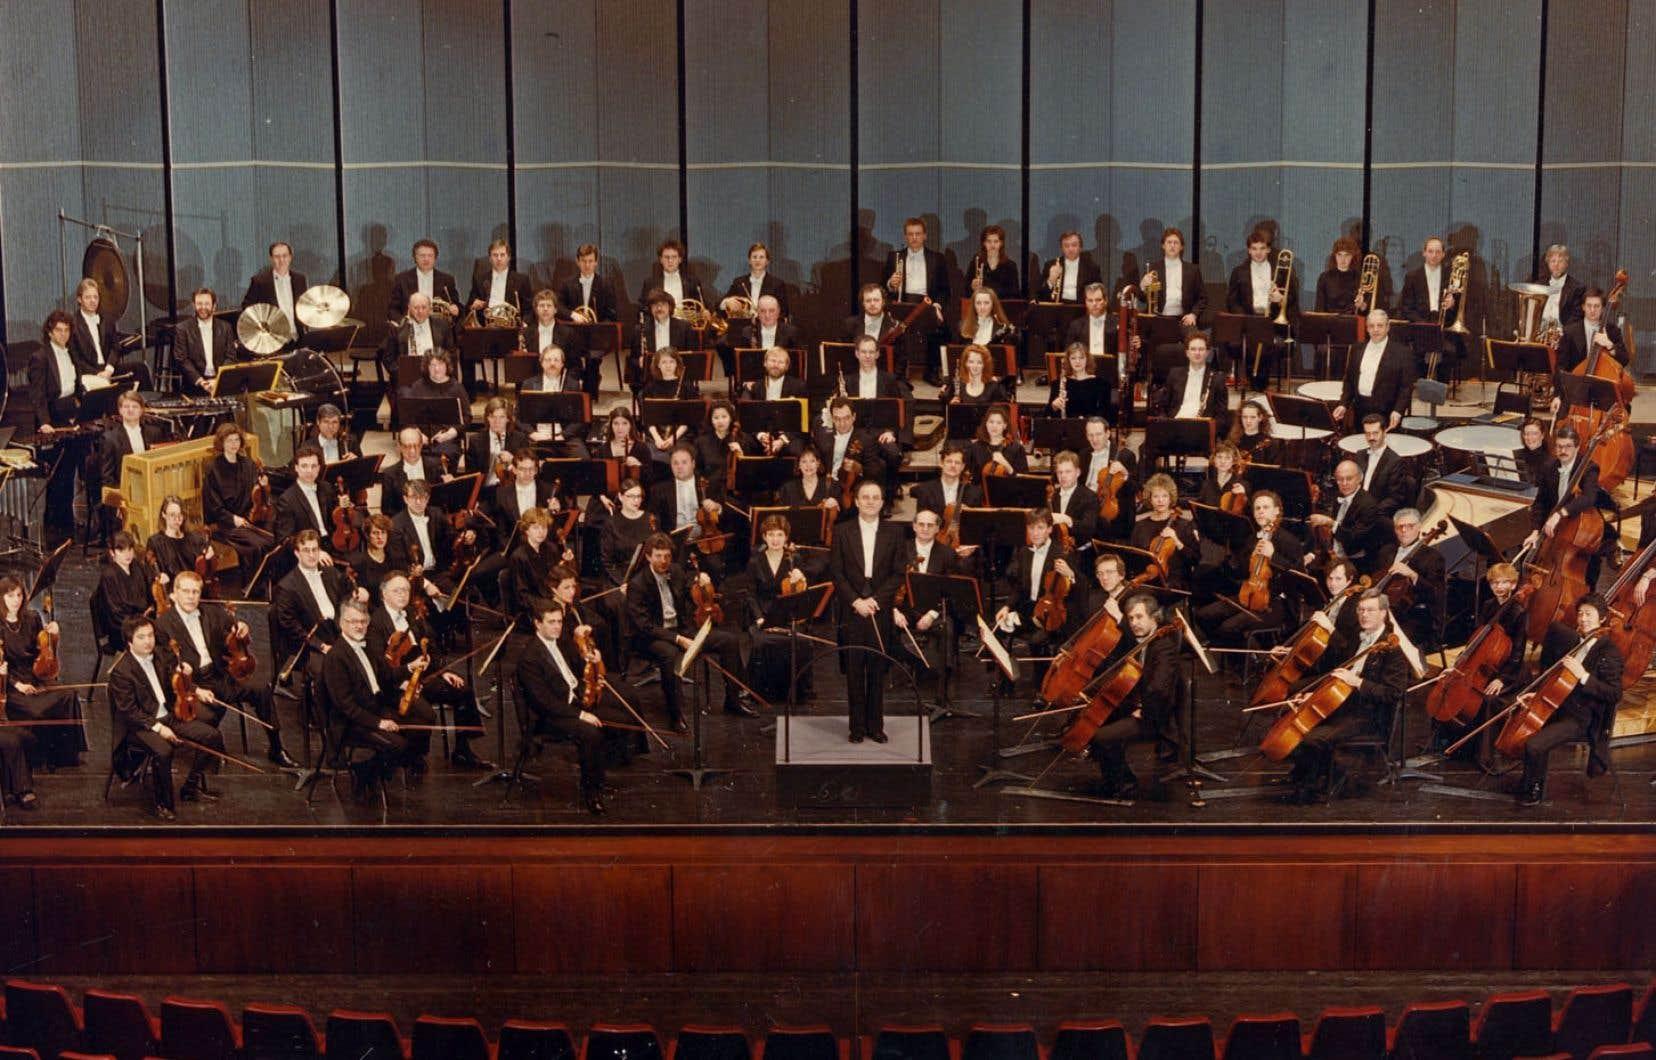 Depuis la mi-décembre, 10 femmes ont affirmé avoir été agressées sexuellement par le chef d'orchestre Charles Dutoit, qui a été directeur artistique de l'Orchestre symphonique de Montréal entre 1977 et 2002.